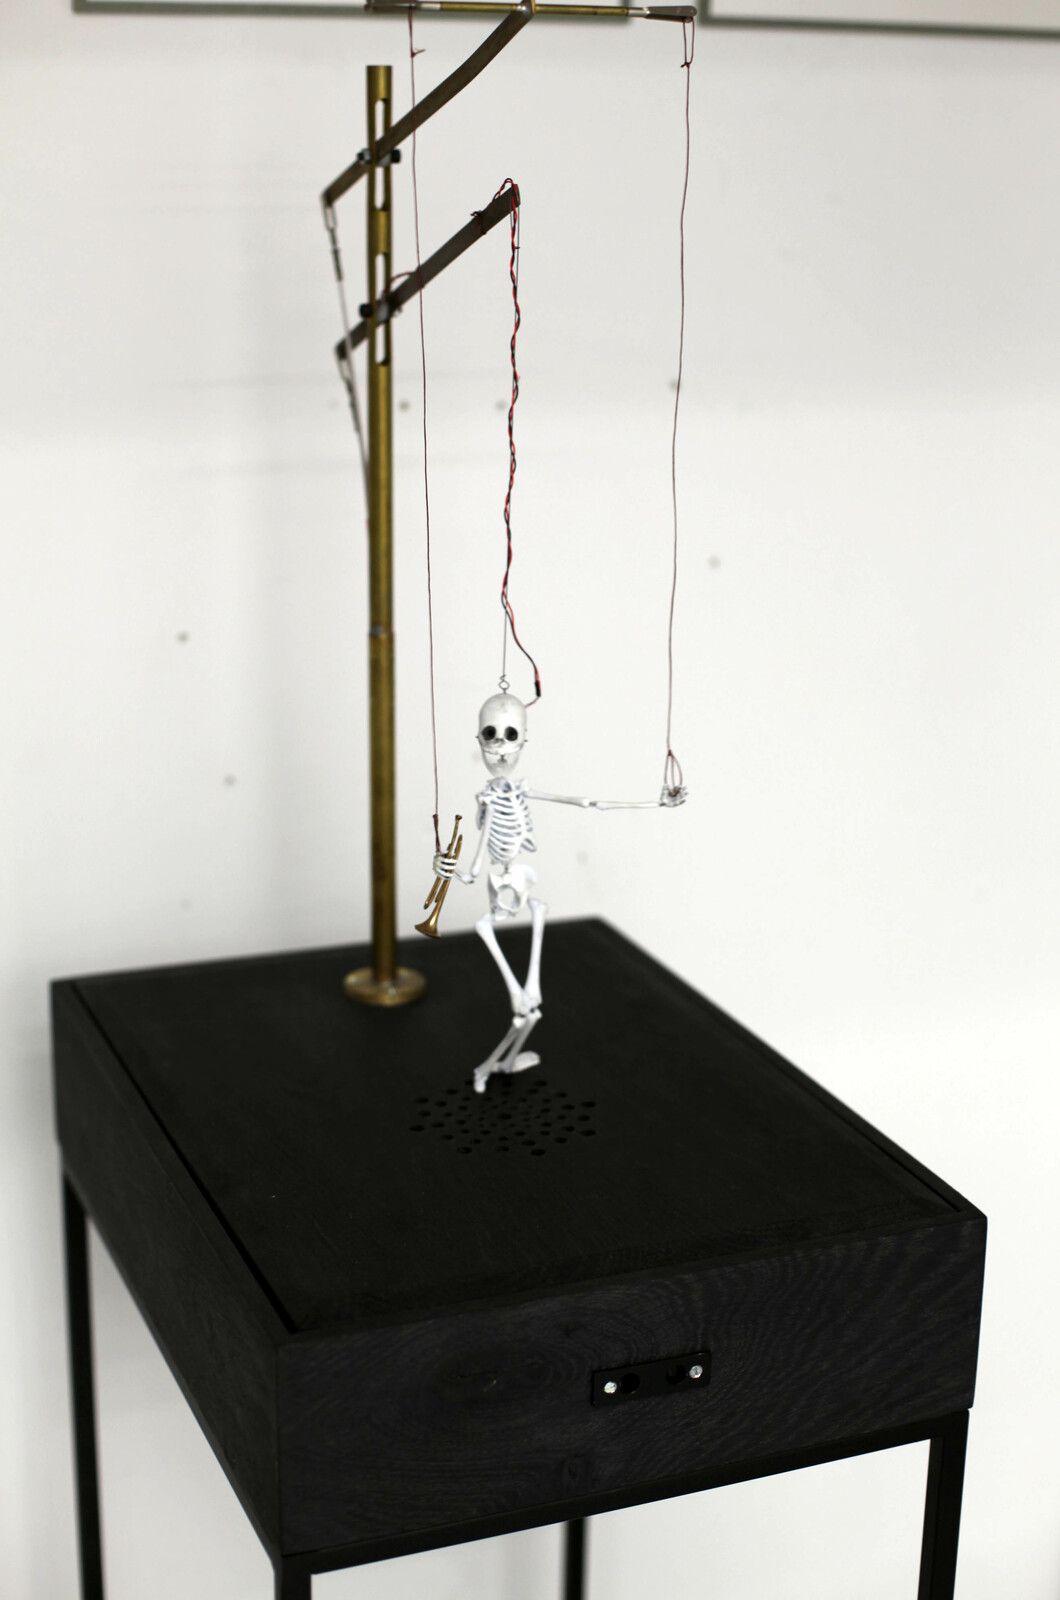 de «Satchmo», 2021 de Nicolas DARROT - Courtesy de l'artiste et de la Galerie C - Contemporary Art Paris © Photo Éric Simon